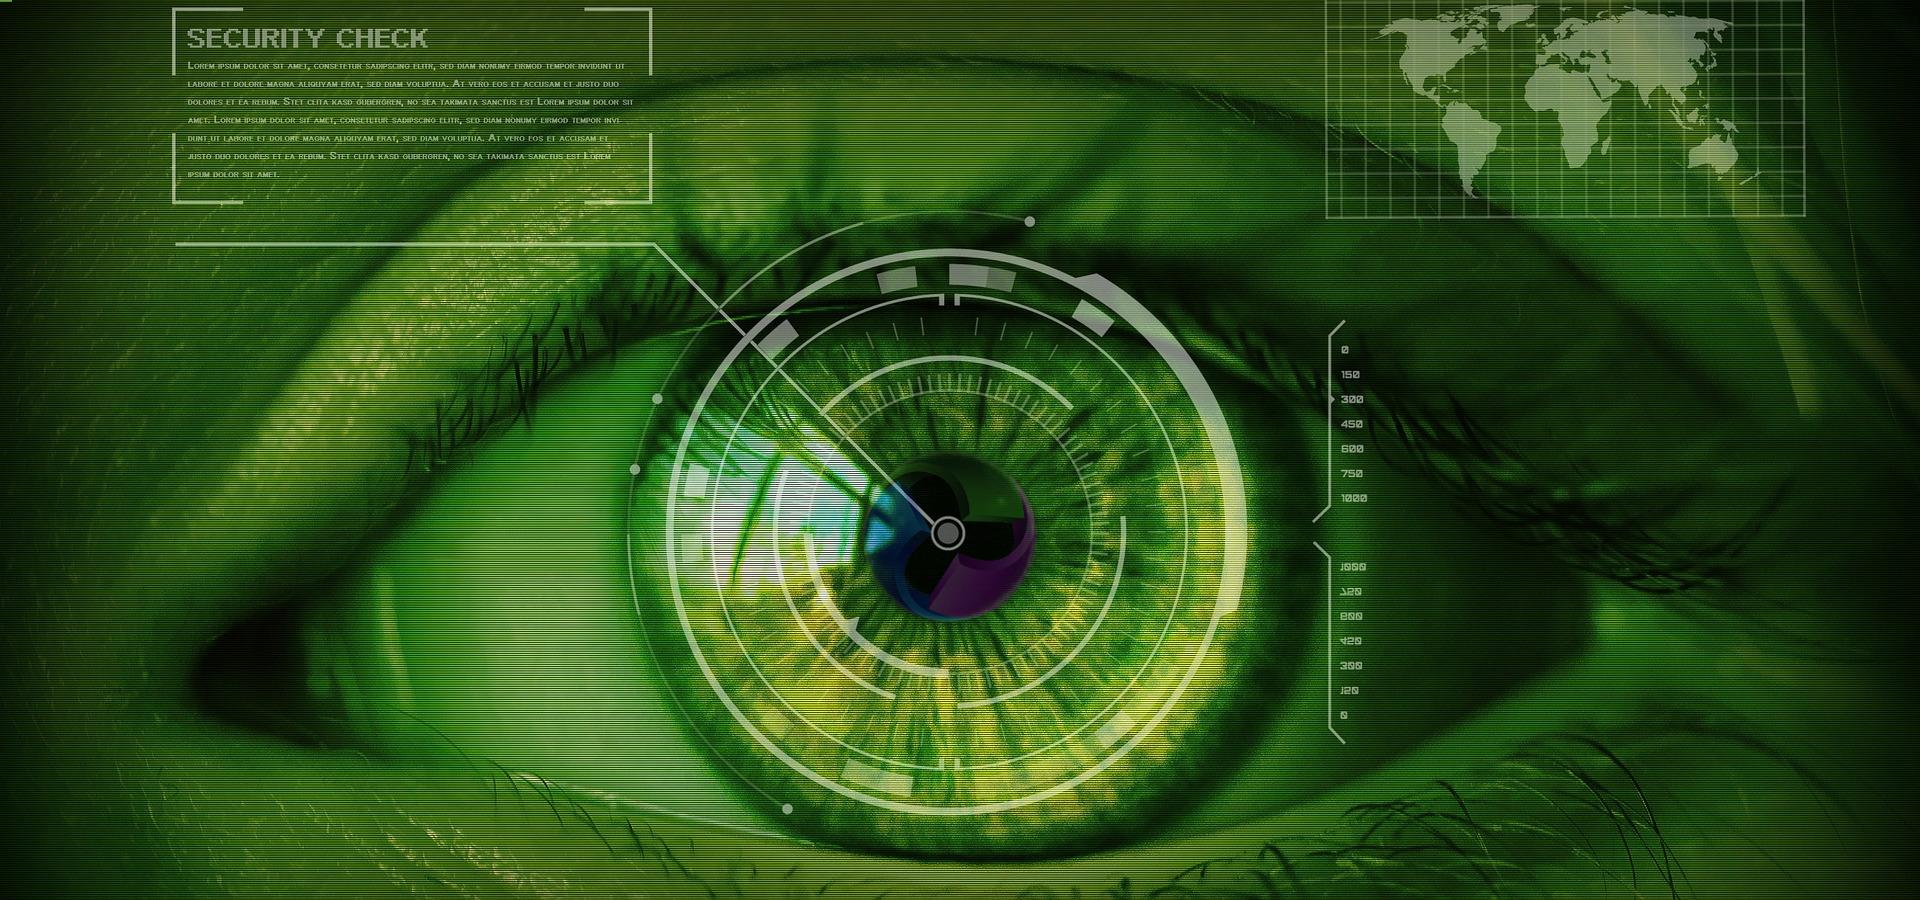 gelf 7box bezpieczeństwo utm autoryzacja biometryczna